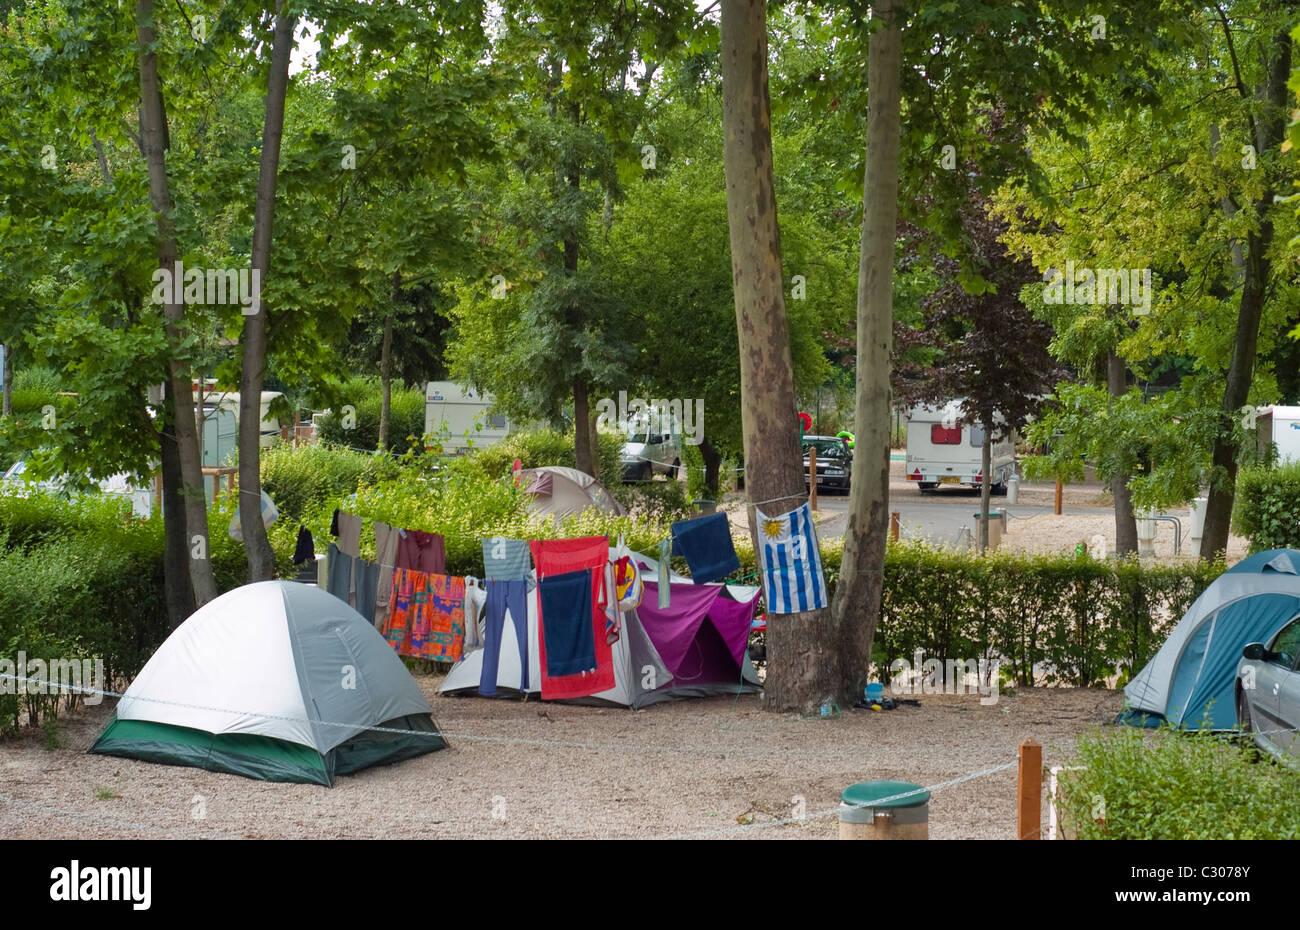 camping france paris stock photos & camping france paris stock